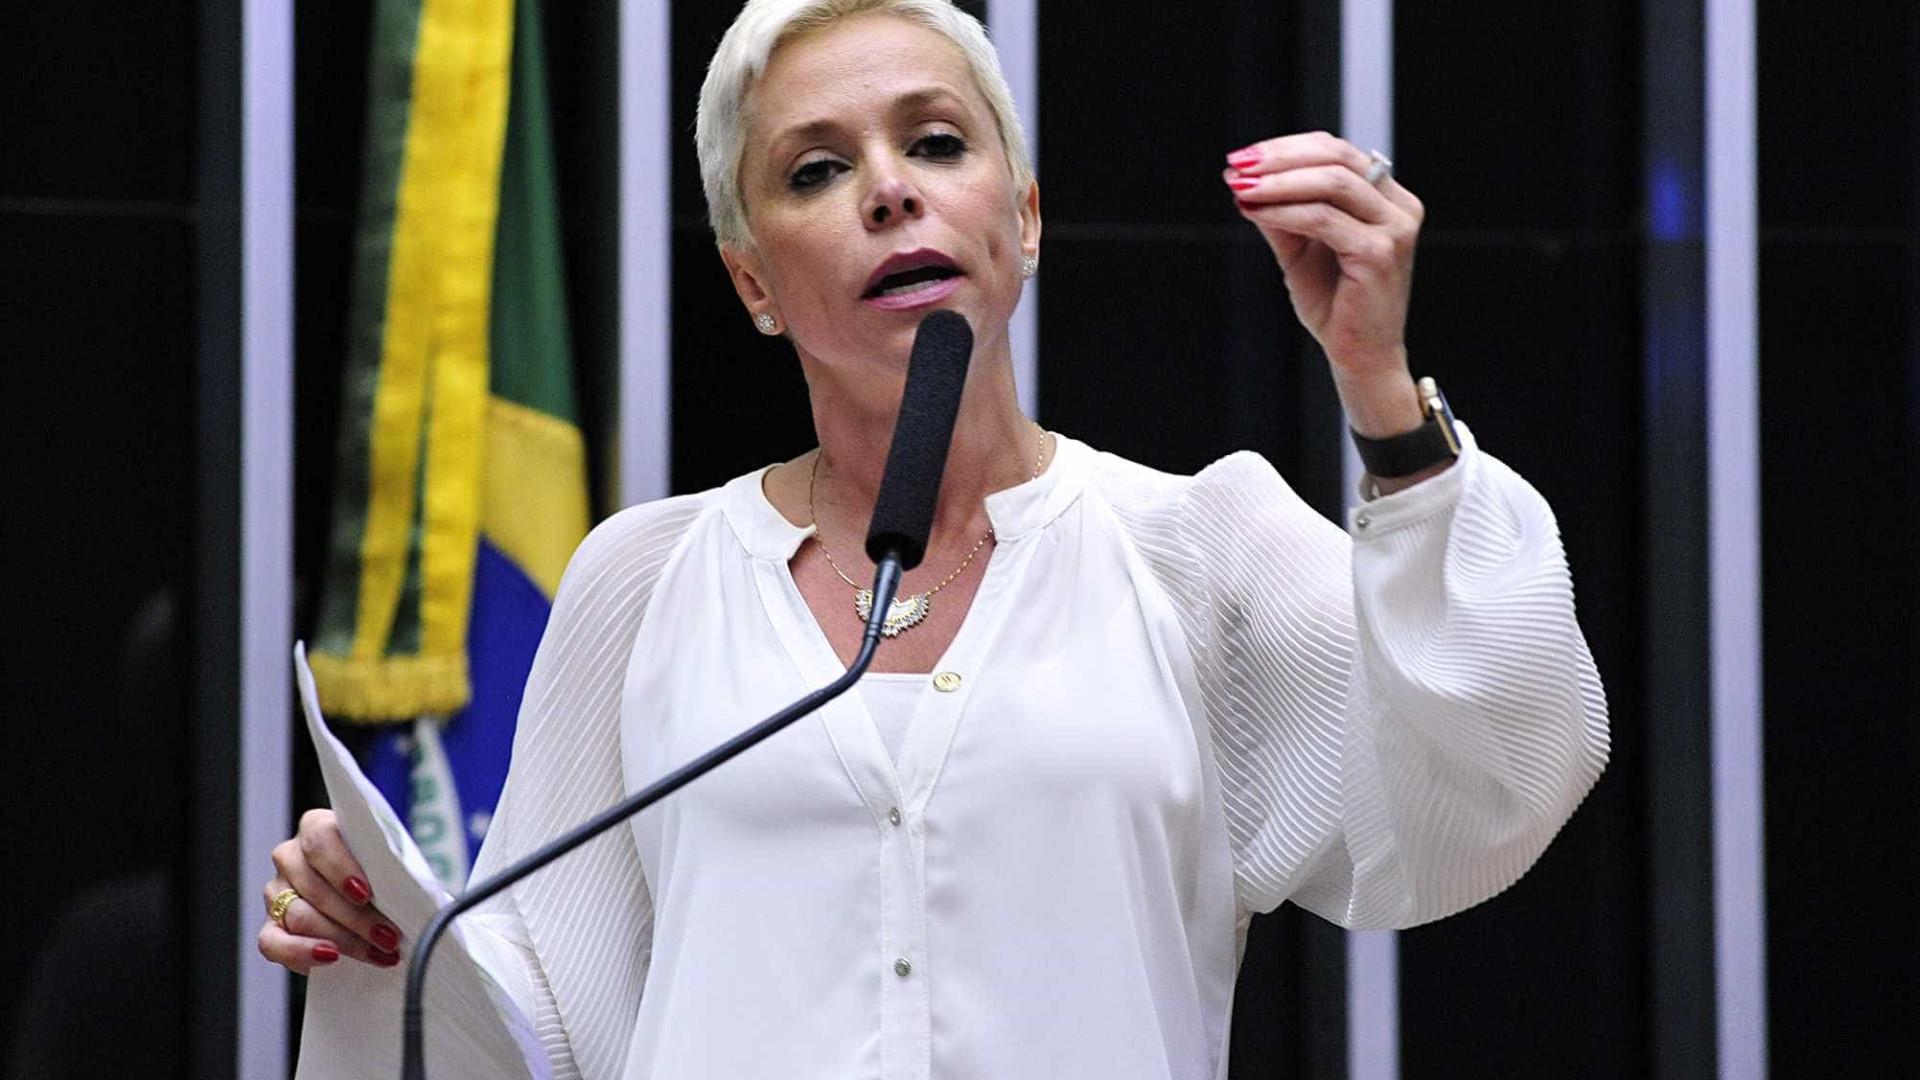 Ministra do Trabalho foi condenada a pagar R$ 60 mil a ex-funcionário